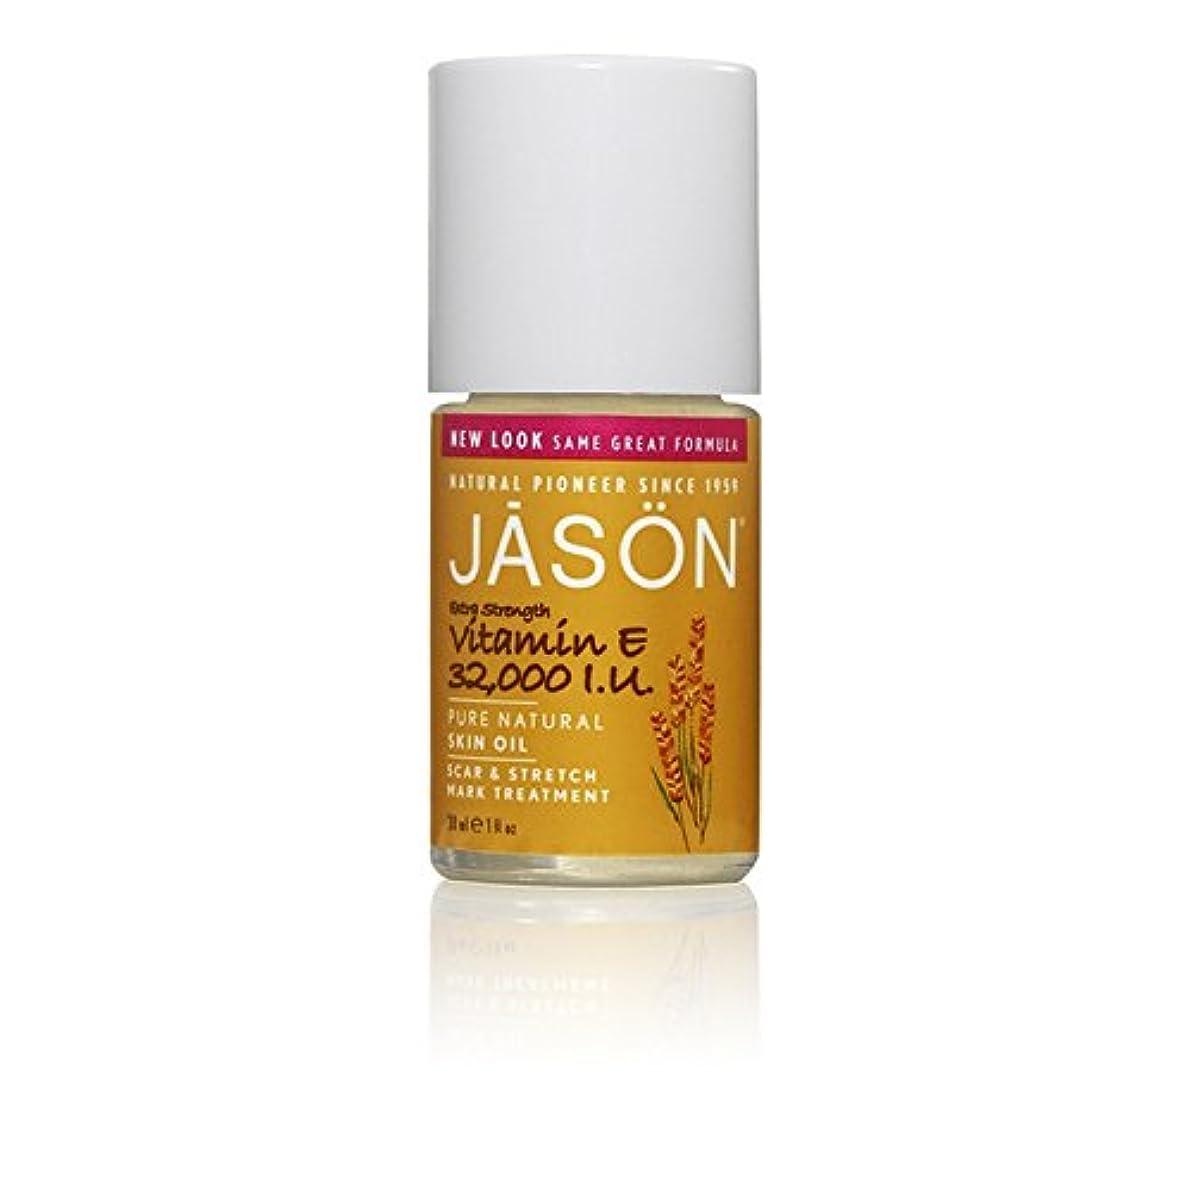 Jason Vitamin E 32,000iu Oil Scar & Stretch Mark Treatment 33ml - ジェイソン?ビタミン 32,000オイル傷跡&ストレッチマークトリートメント33ミリリットル...